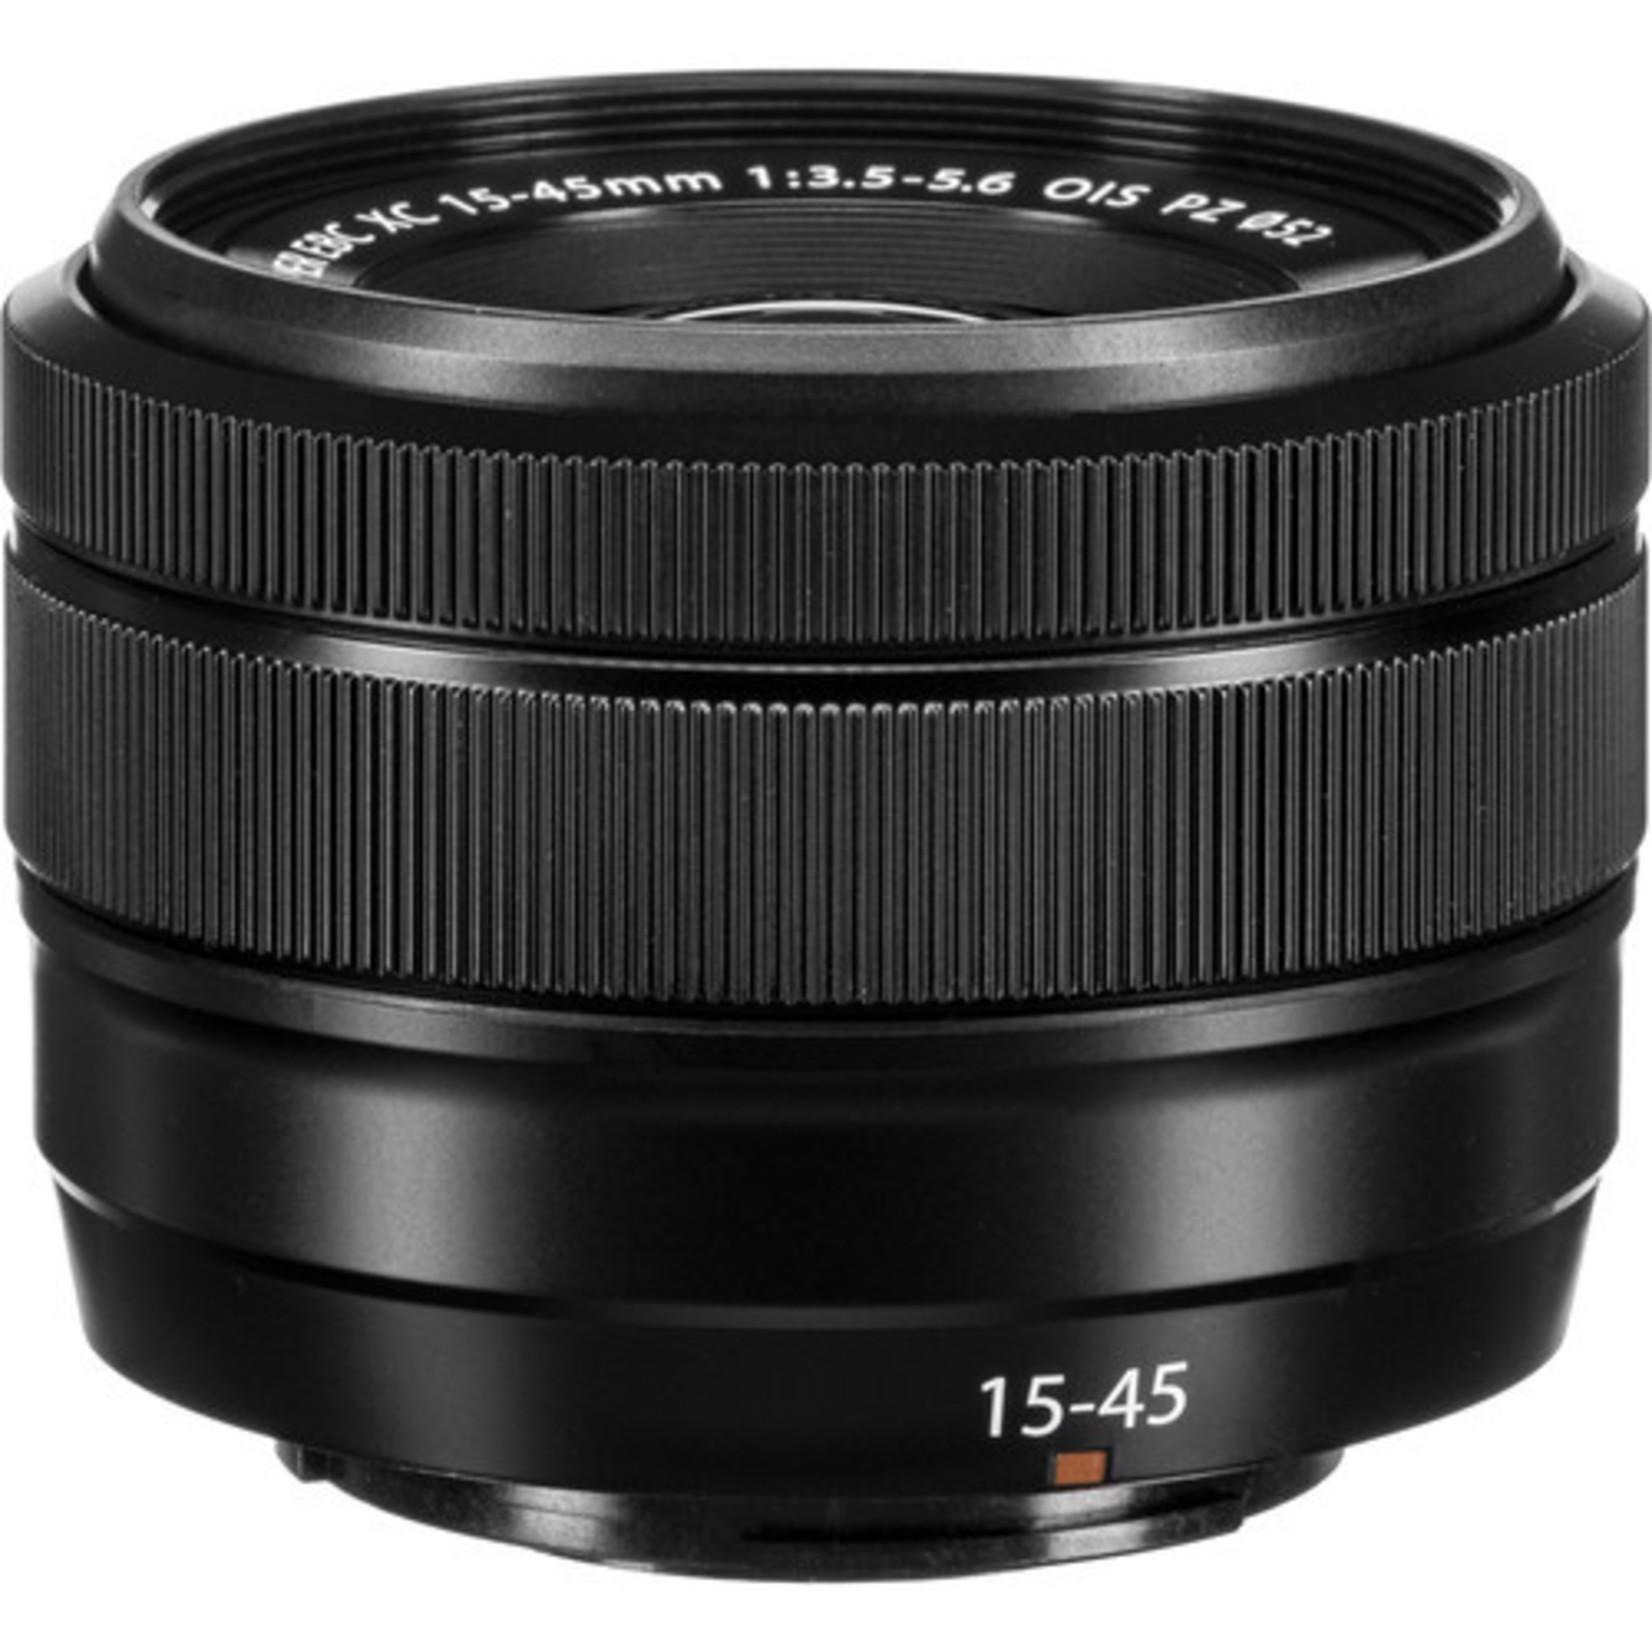 FujiFilm FujiFilm XC 15-45mm f/3.5-5.6 OIS PZ Lens